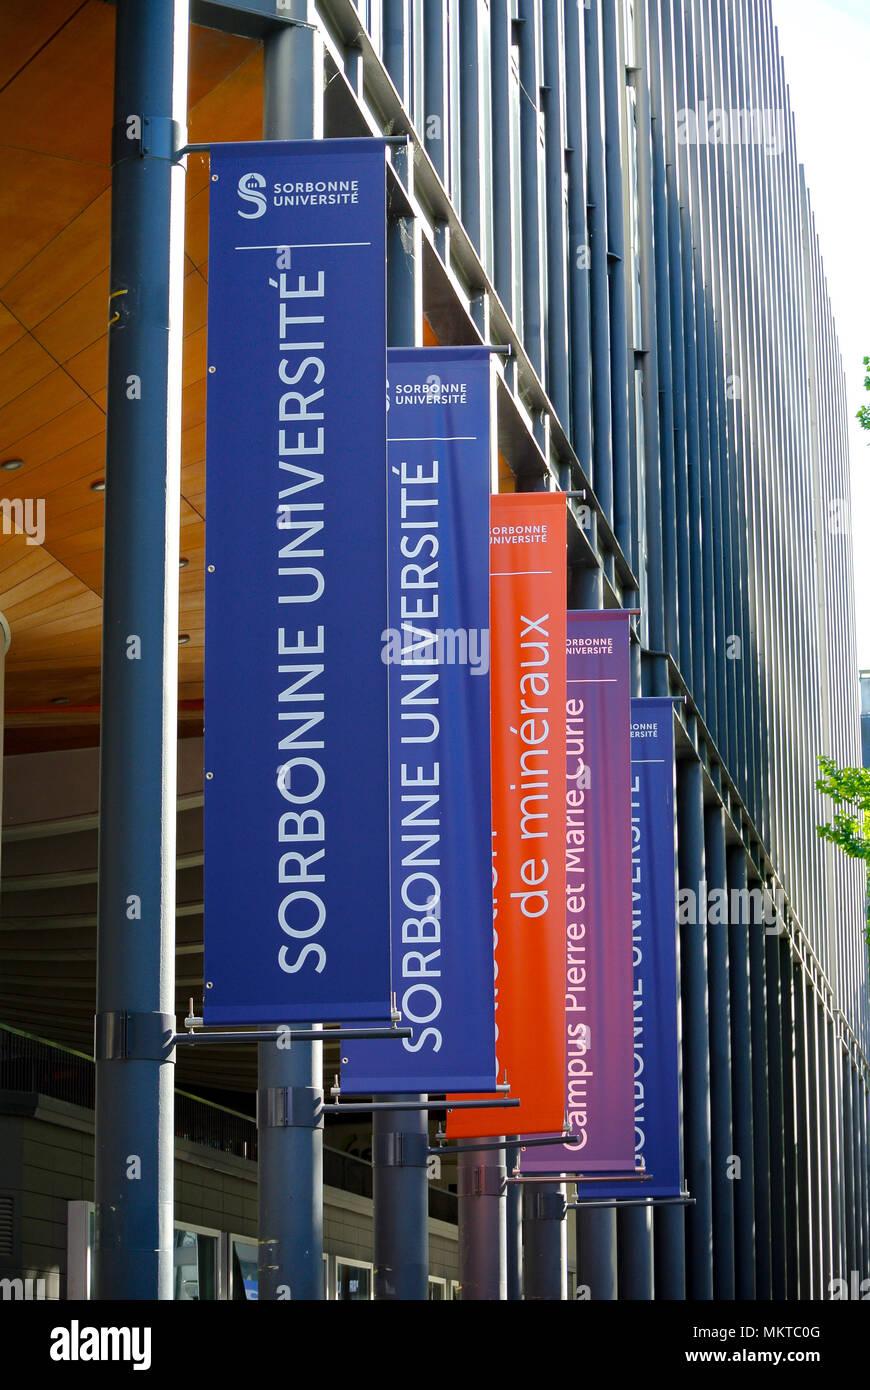 sorbonne university, paris, france - Stock Image